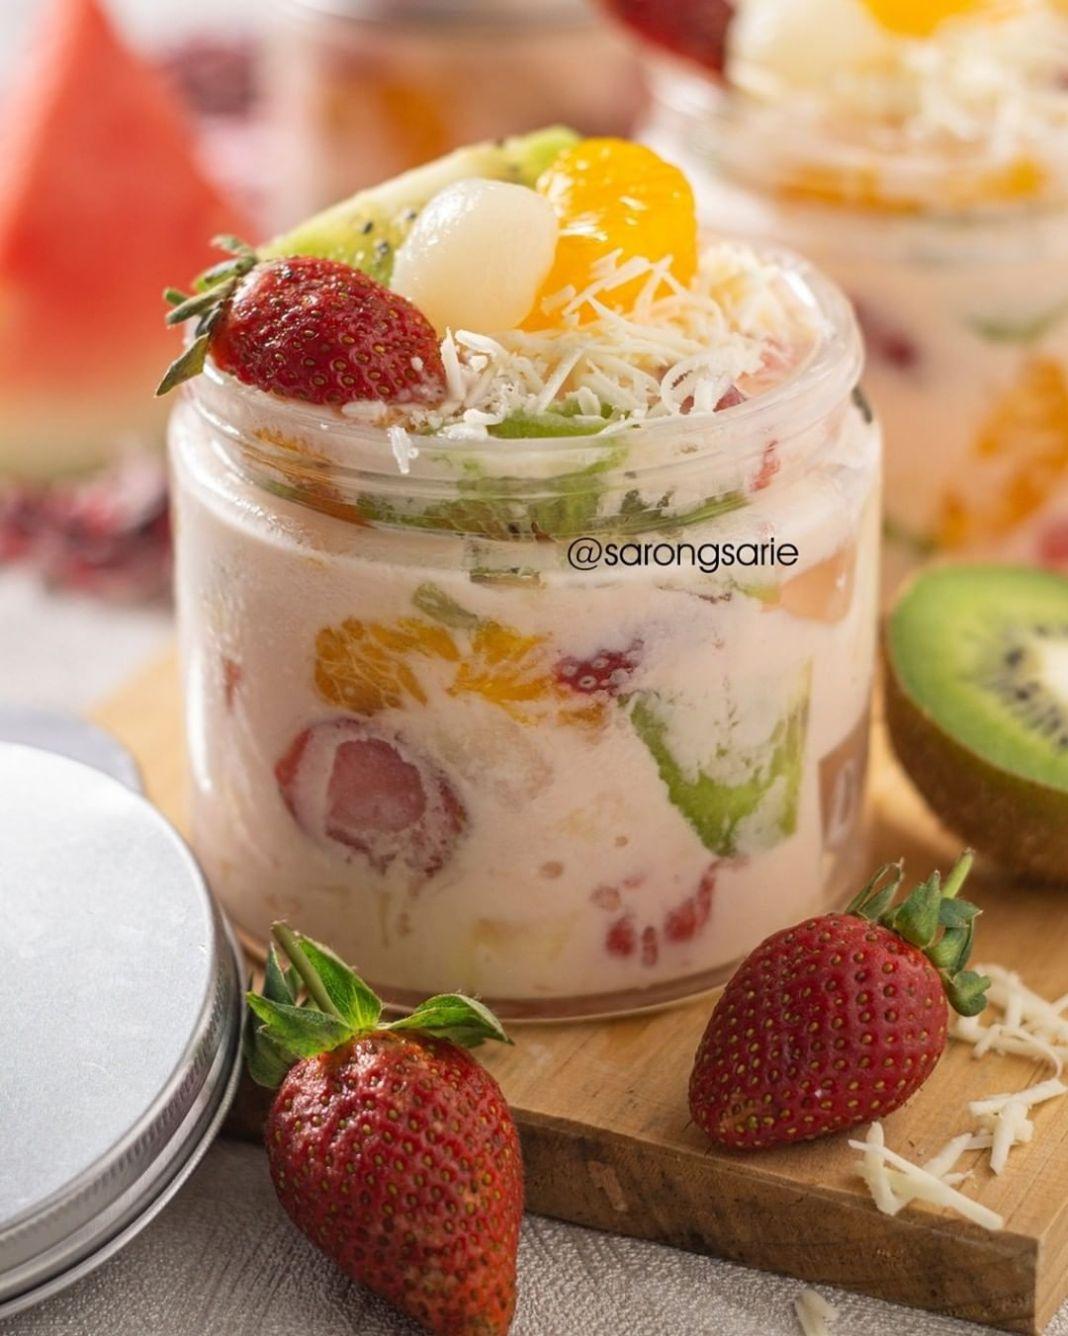 Info kuliner, Seger nih buka puasa pake salad! Bikin sendiri yuk, di rumah!  Bahan Mayo: – 2 saset susu kenta…